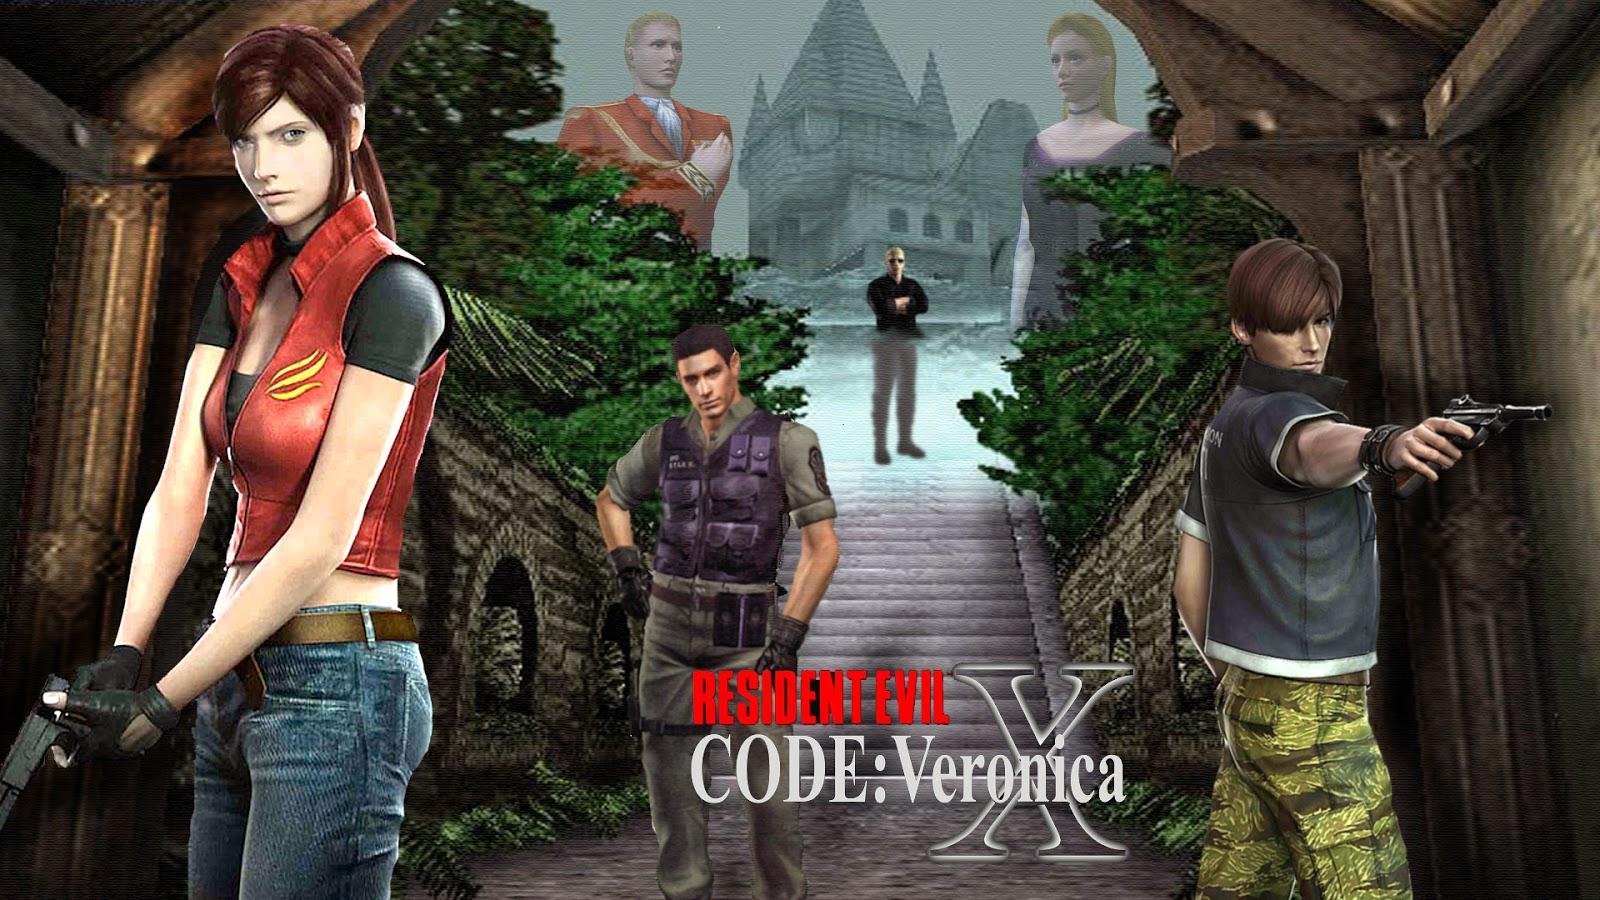 resident-evil-look-over-26-years-of-legendary-horror-game-franchise 7